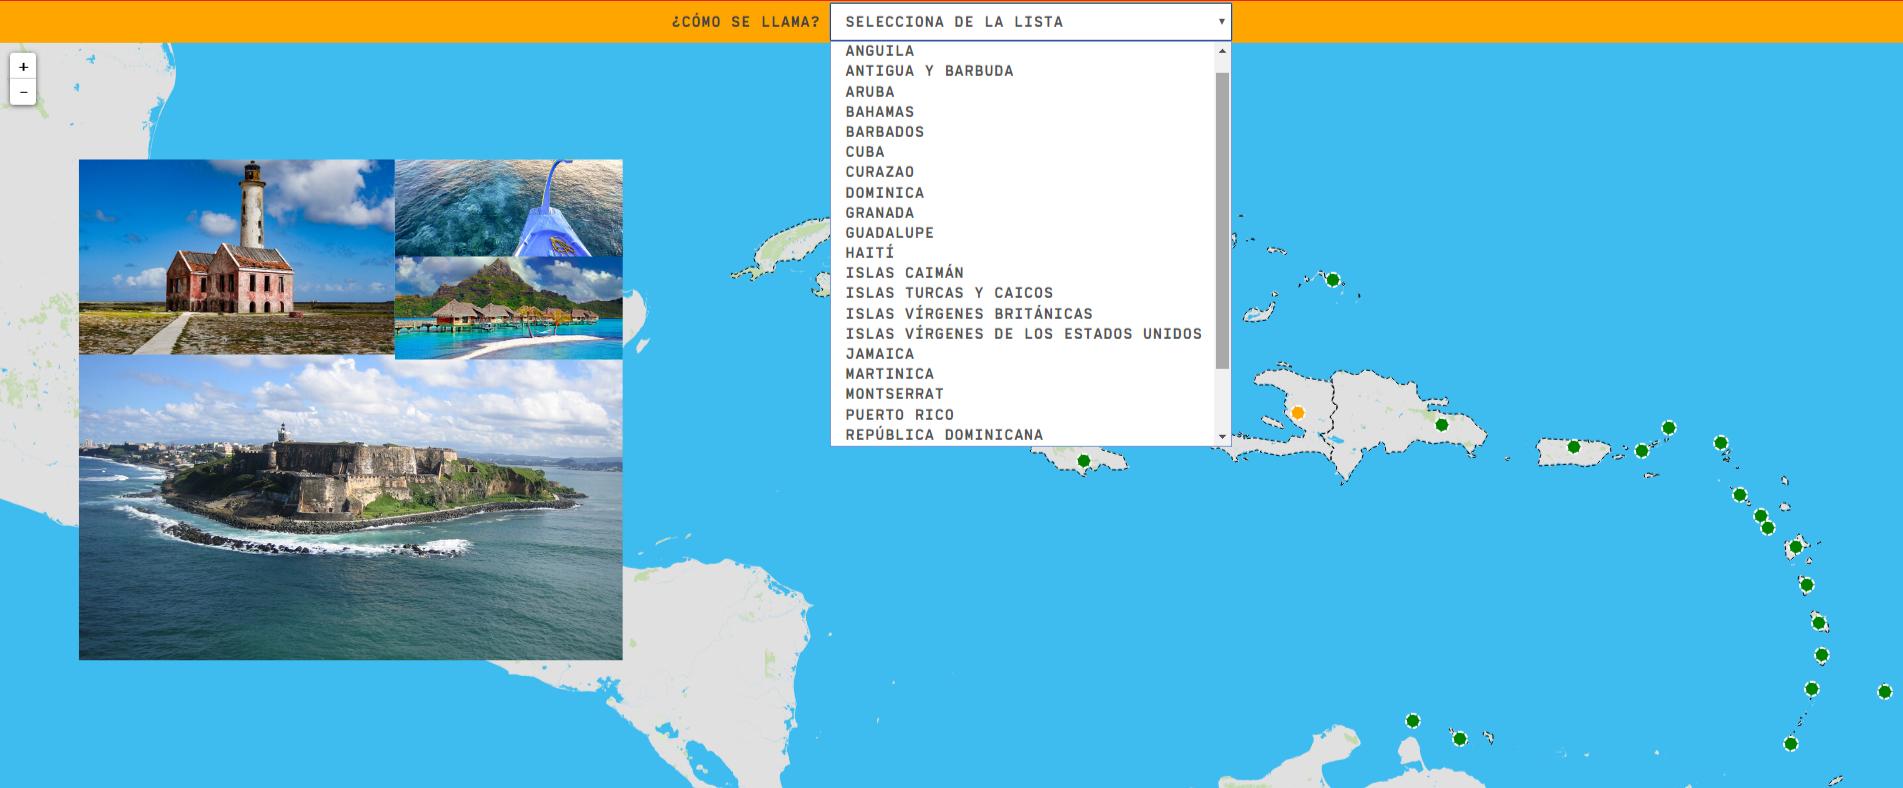 O Caribe: países e territórios